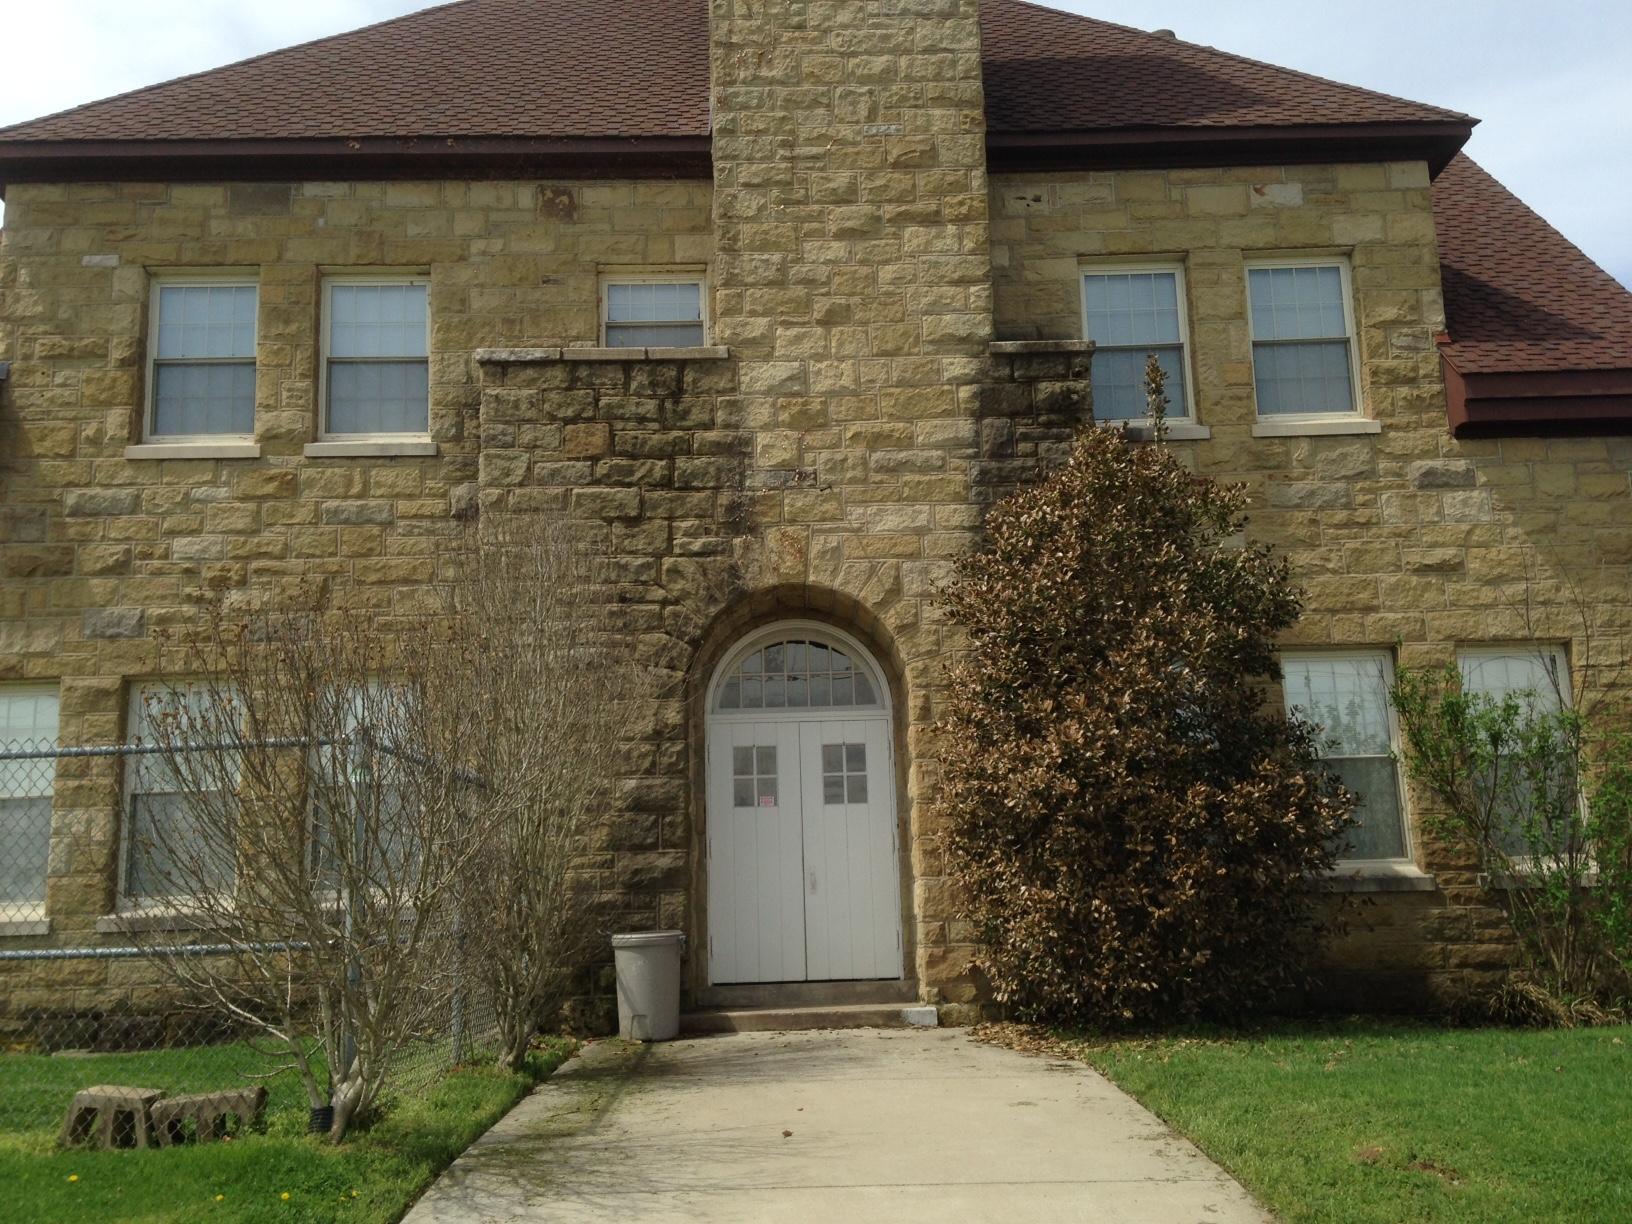 The Prichard School was built in 1923.